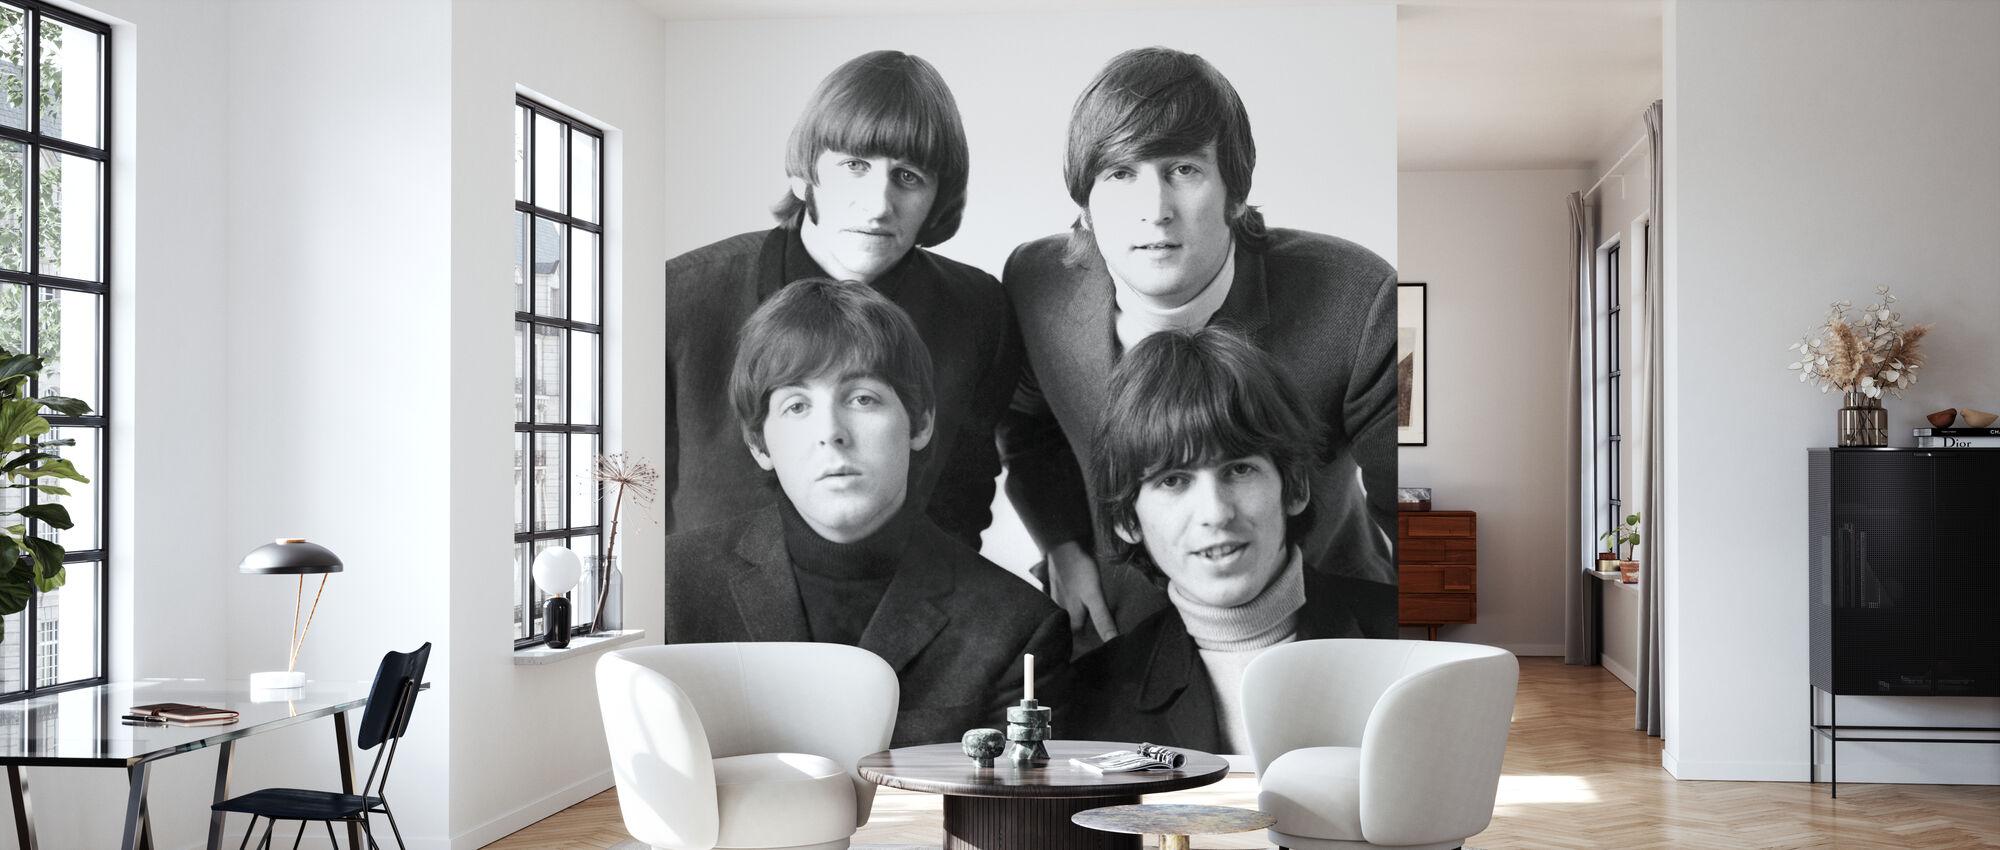 Les Beatles - Papier peint - Salle à manger